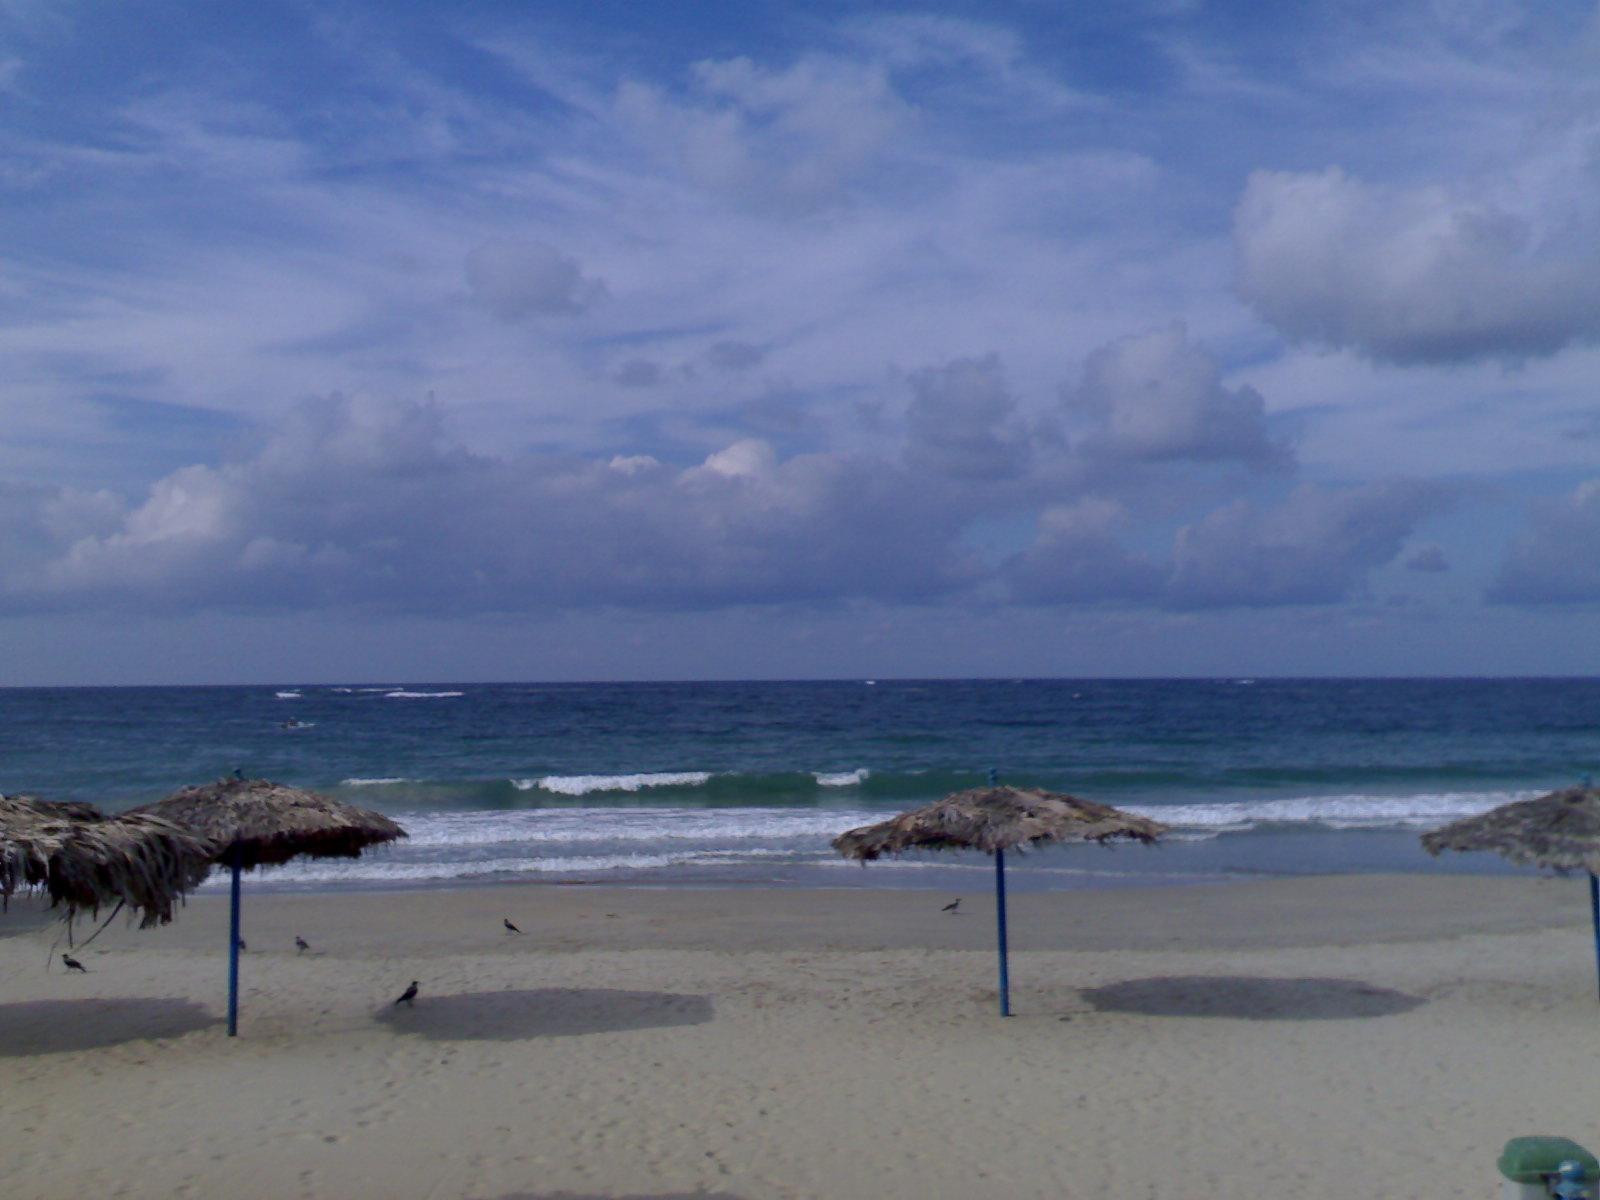 El_Maamoura_(beach)